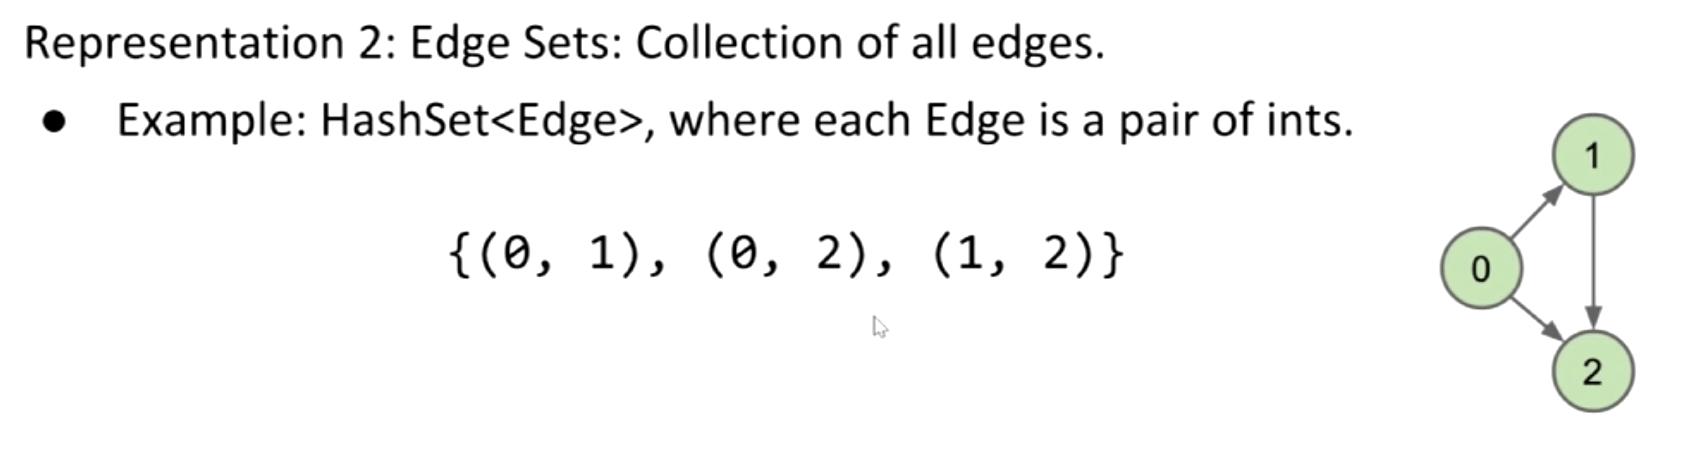 Edge Sets